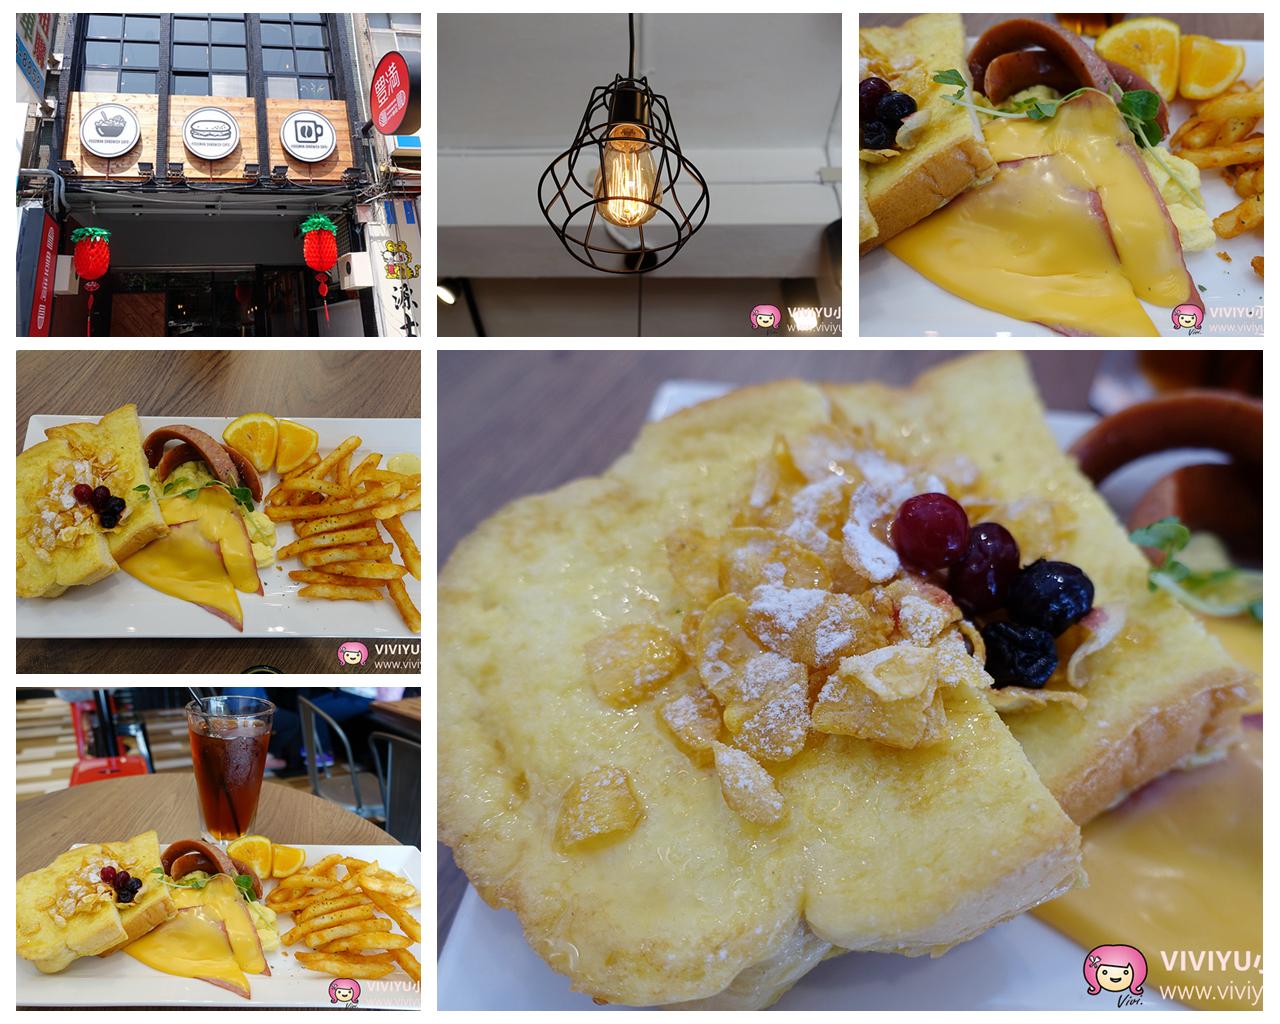 [桃園.美食]豐滿.總匯三明治-桃園火車站前巷弄~來自板橋火紅的早午餐名店.西式早餐